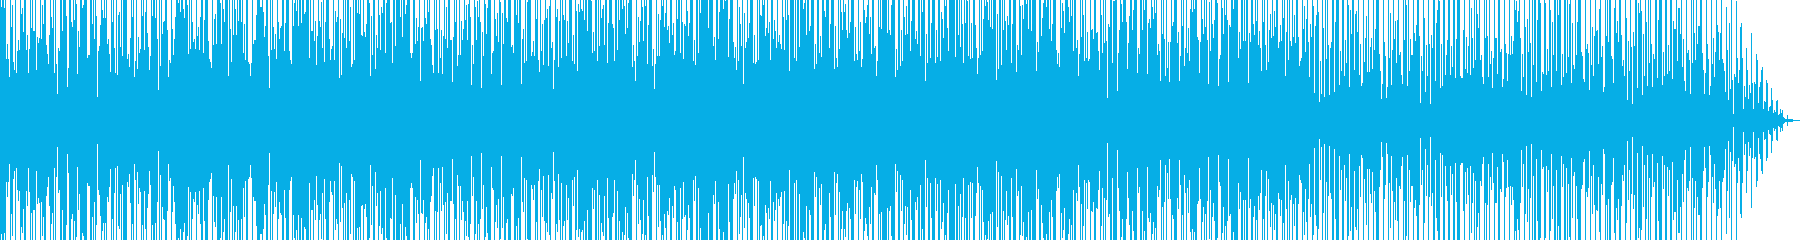 サンバ風なリズムのパーカッションインストの再生済みの波形